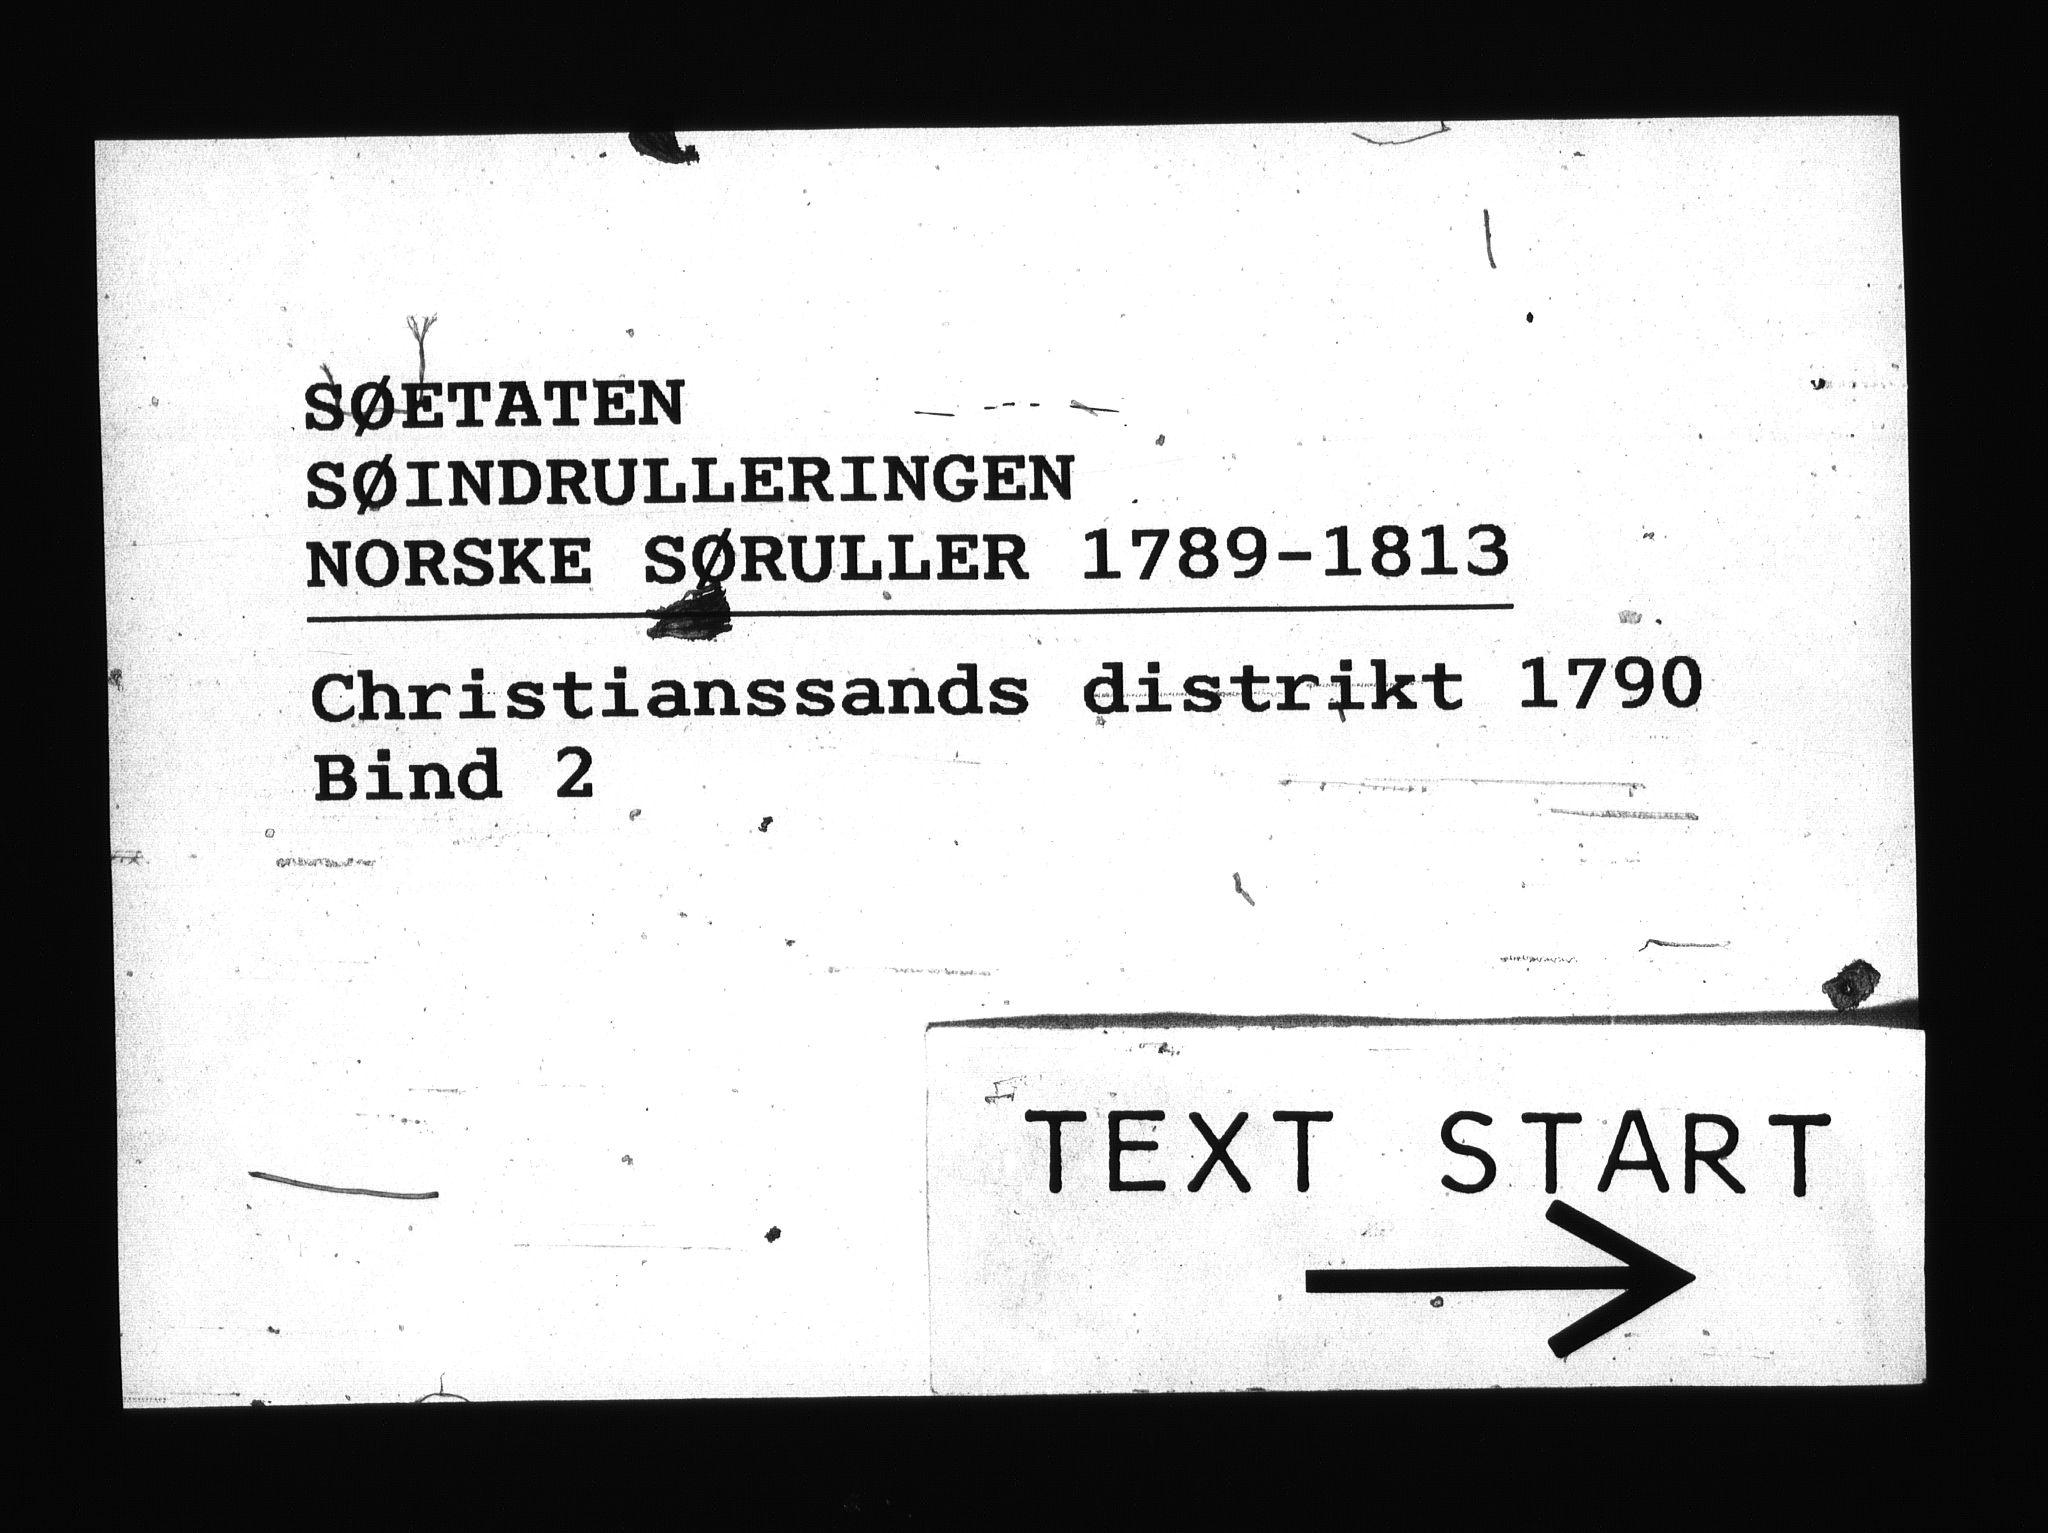 RA, Sjøetaten, F/L0015: Kristiansand distrikt, bind 2, 1790